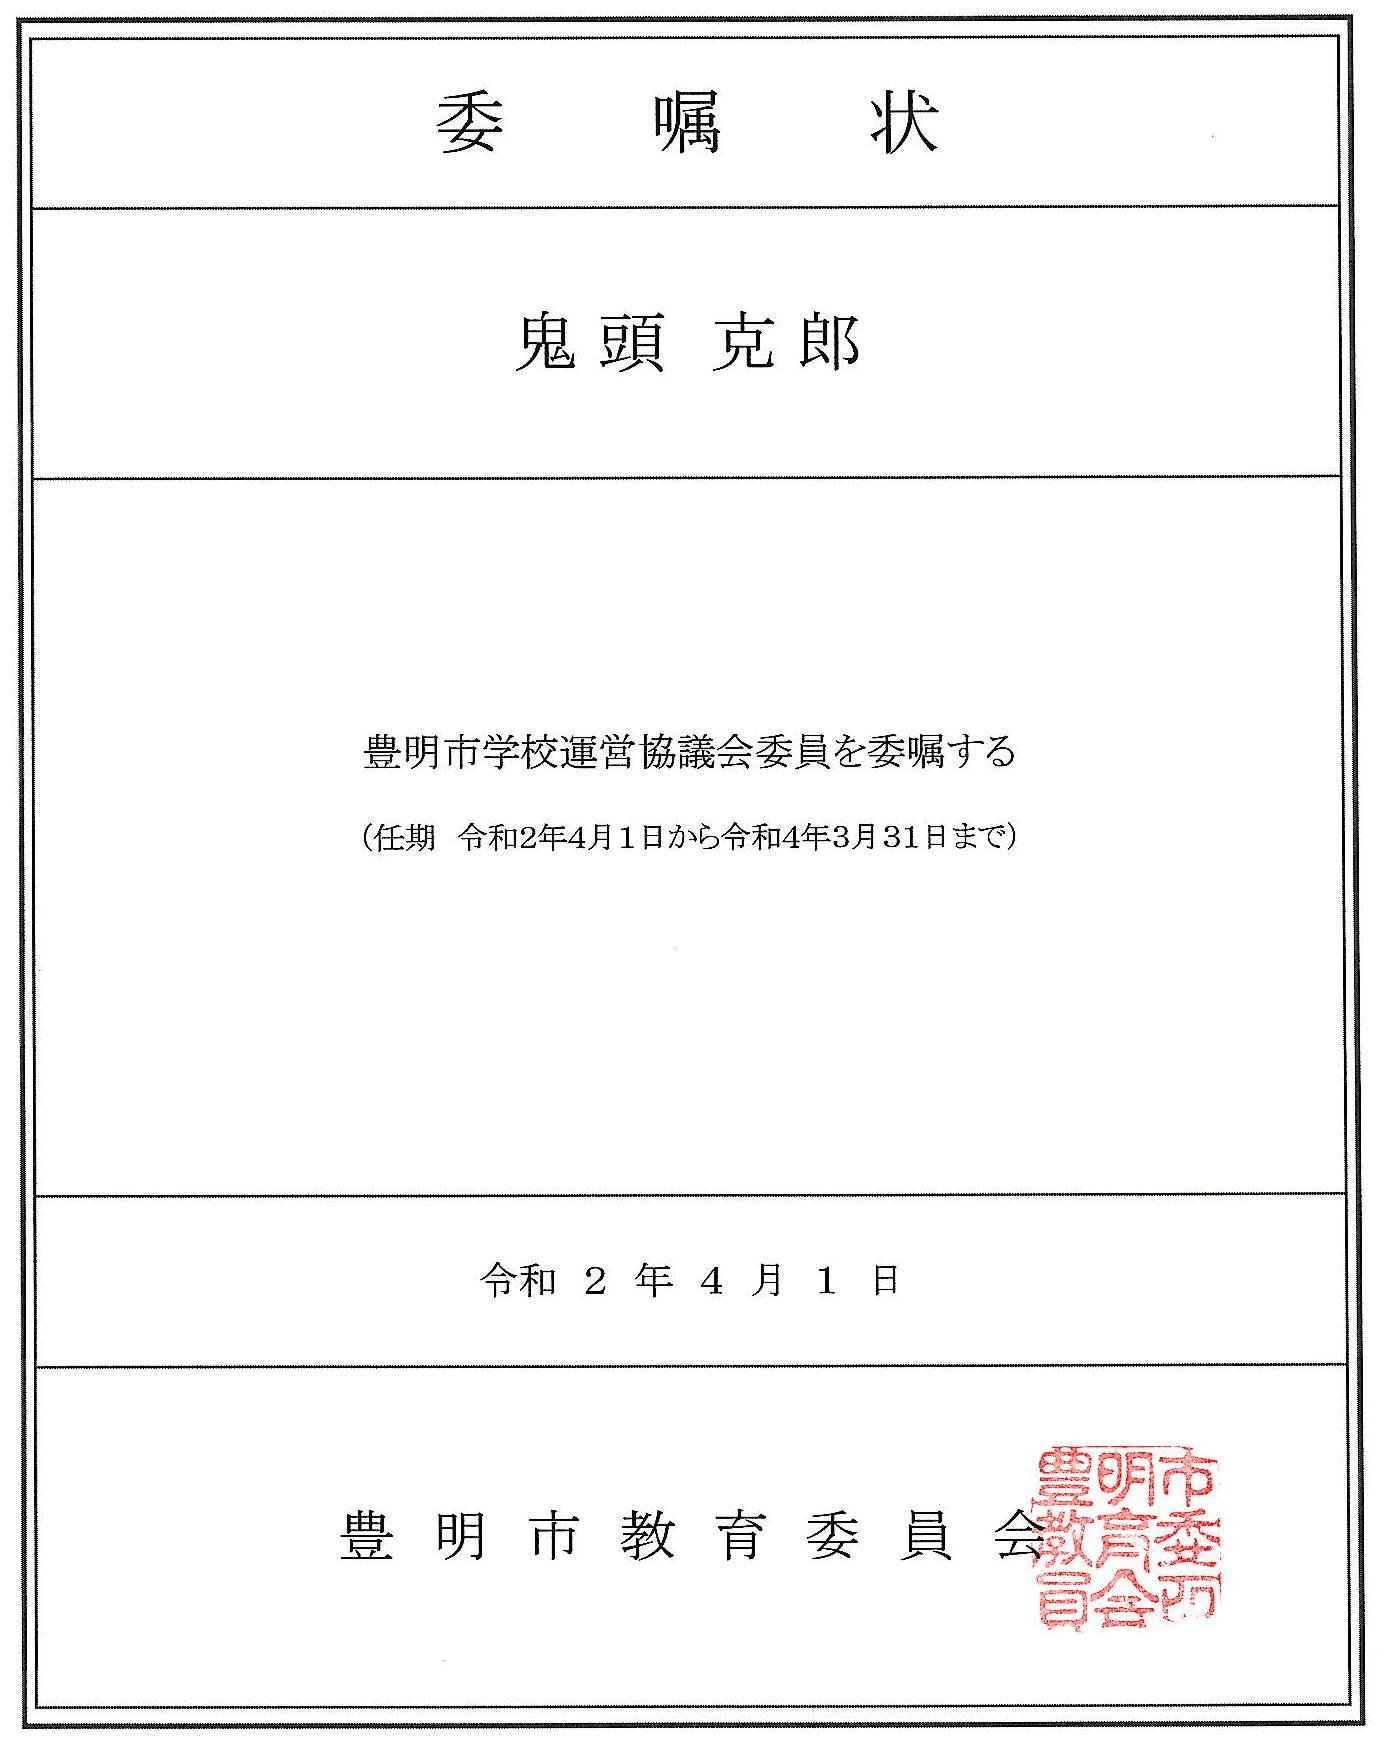 豊明市教育委員会からの委嘱状